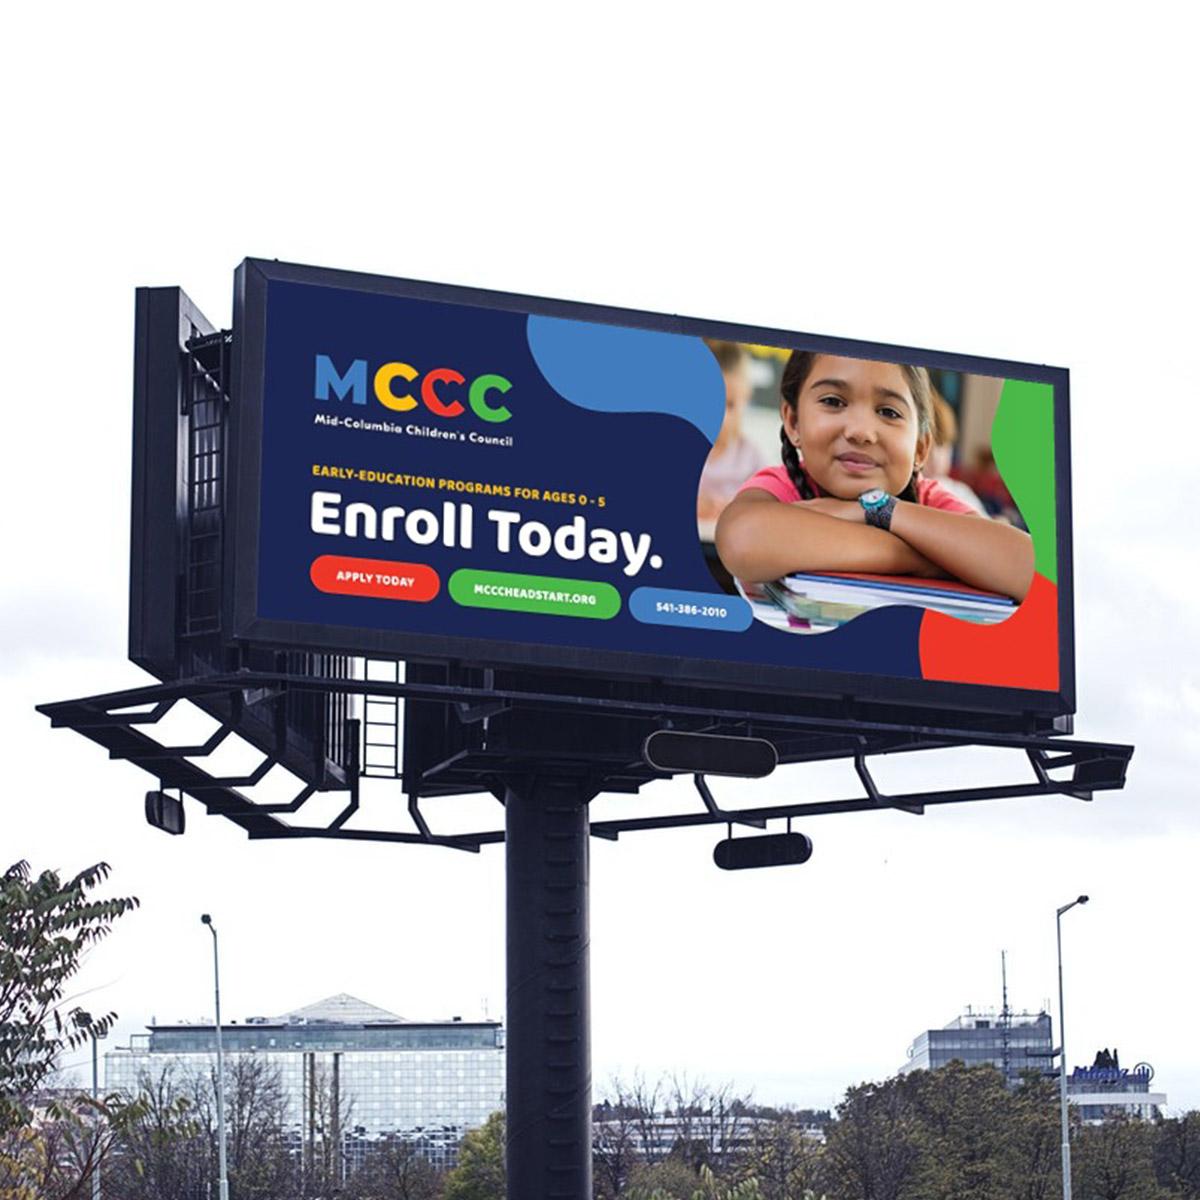 mccc billboard design 3